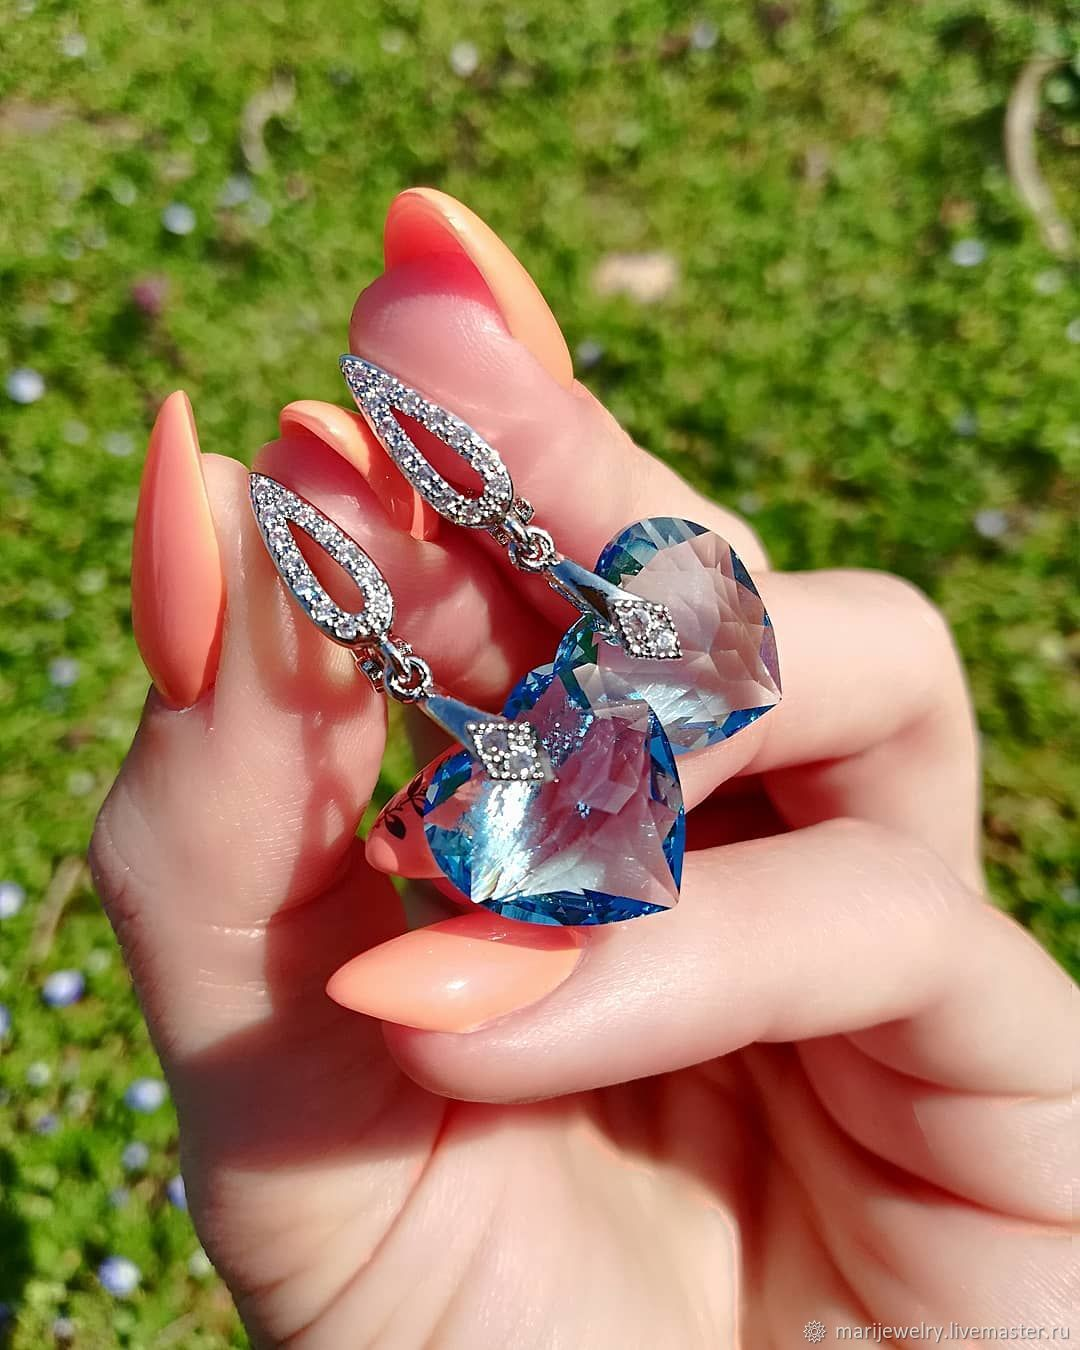 Серьги с кристаллами Swarovski, Аксессуары для питомцев, Майкоп,  Фото №1